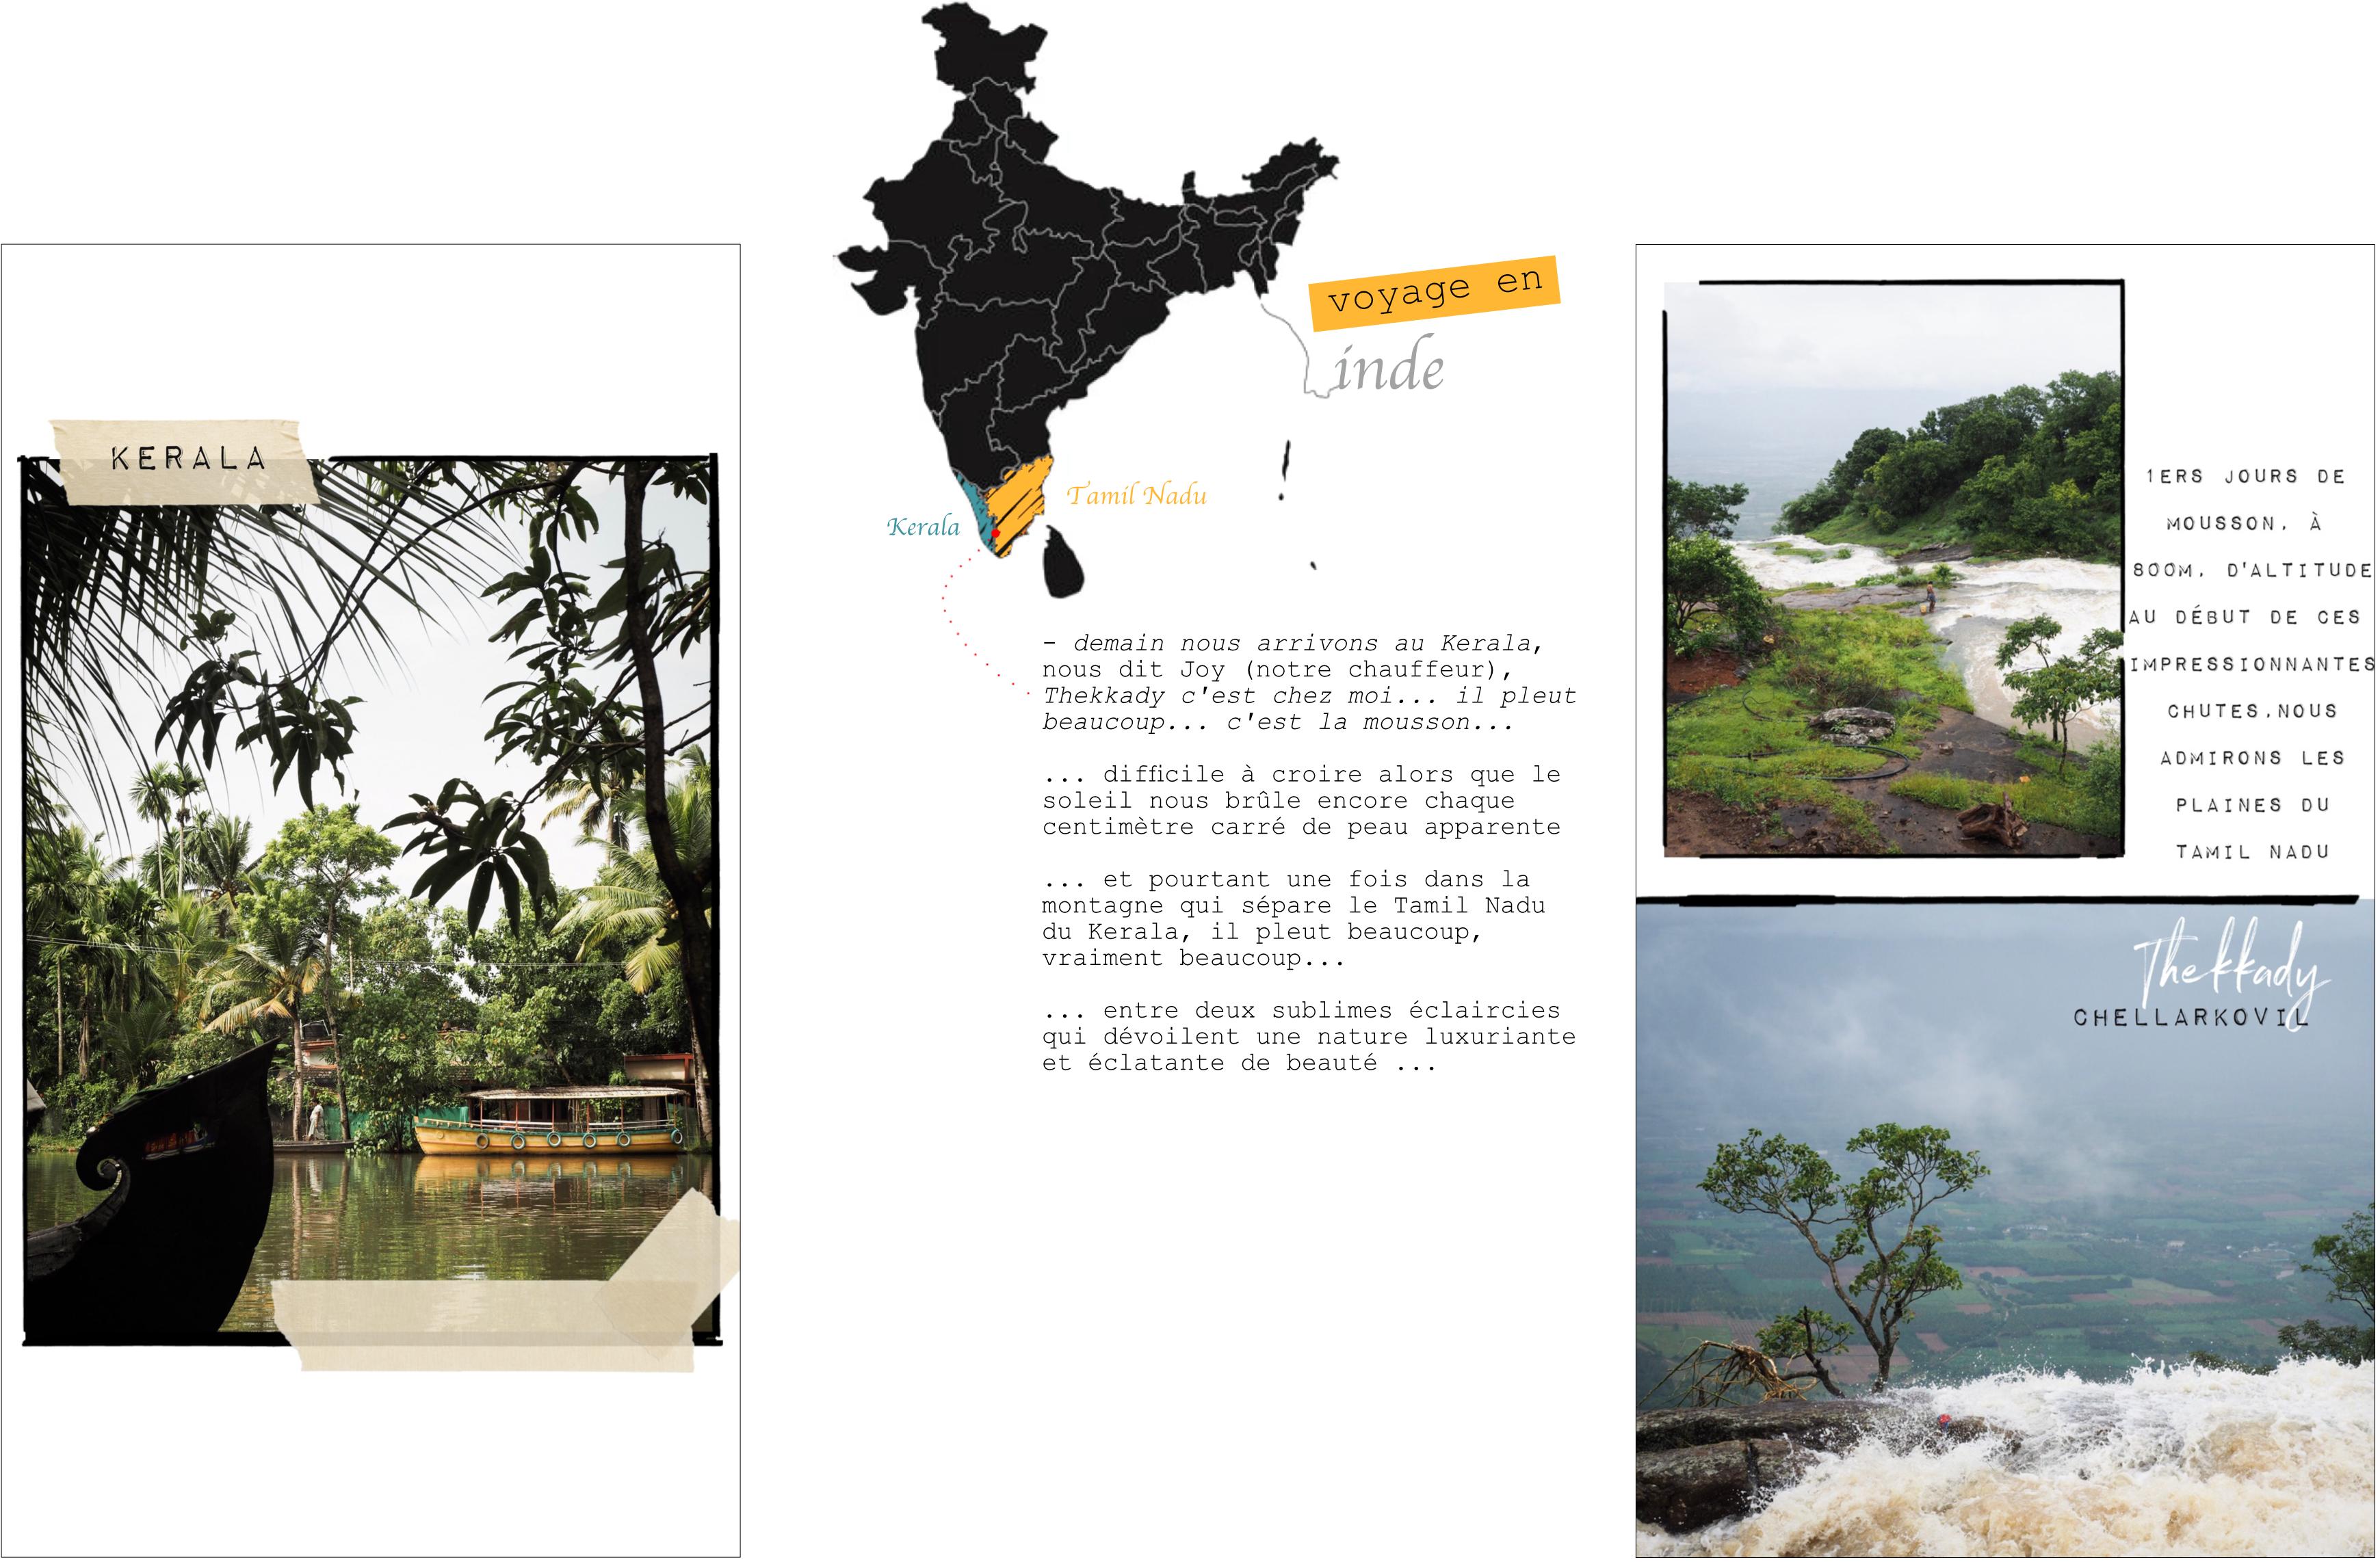 voyage au kerala - carte kerala - photos du kerala - découvrir l'inde - plantations de thé